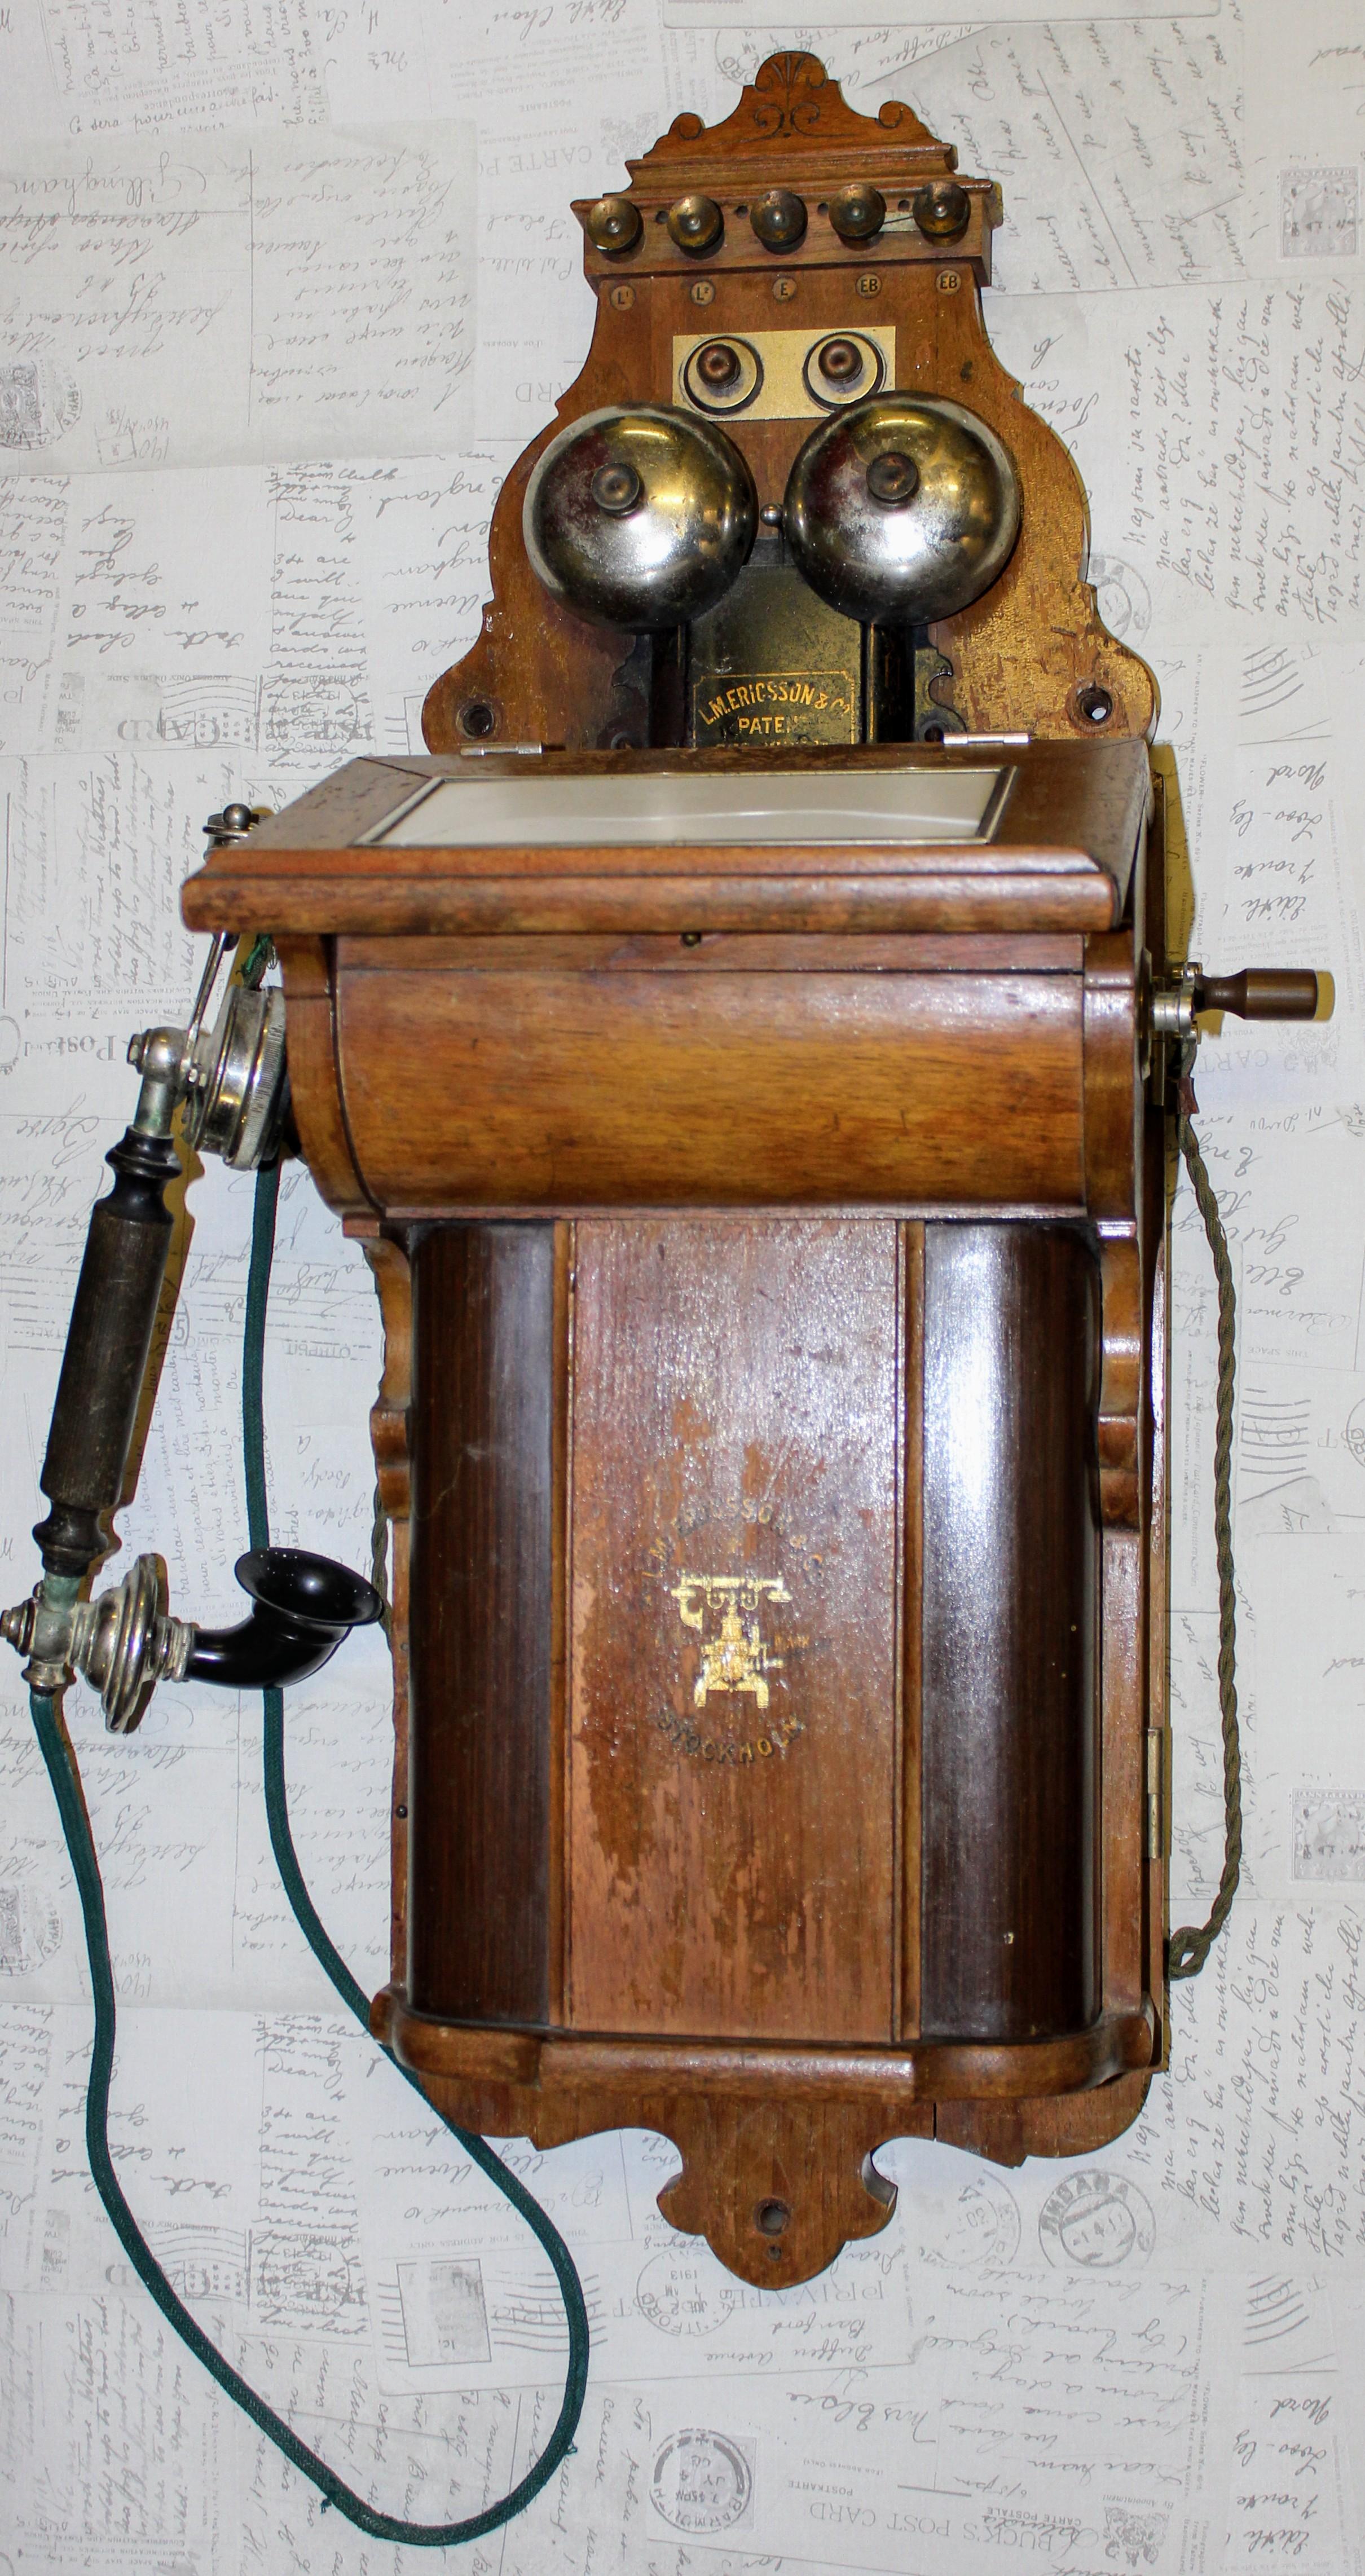 Vanha L&M Ericsson puhelin